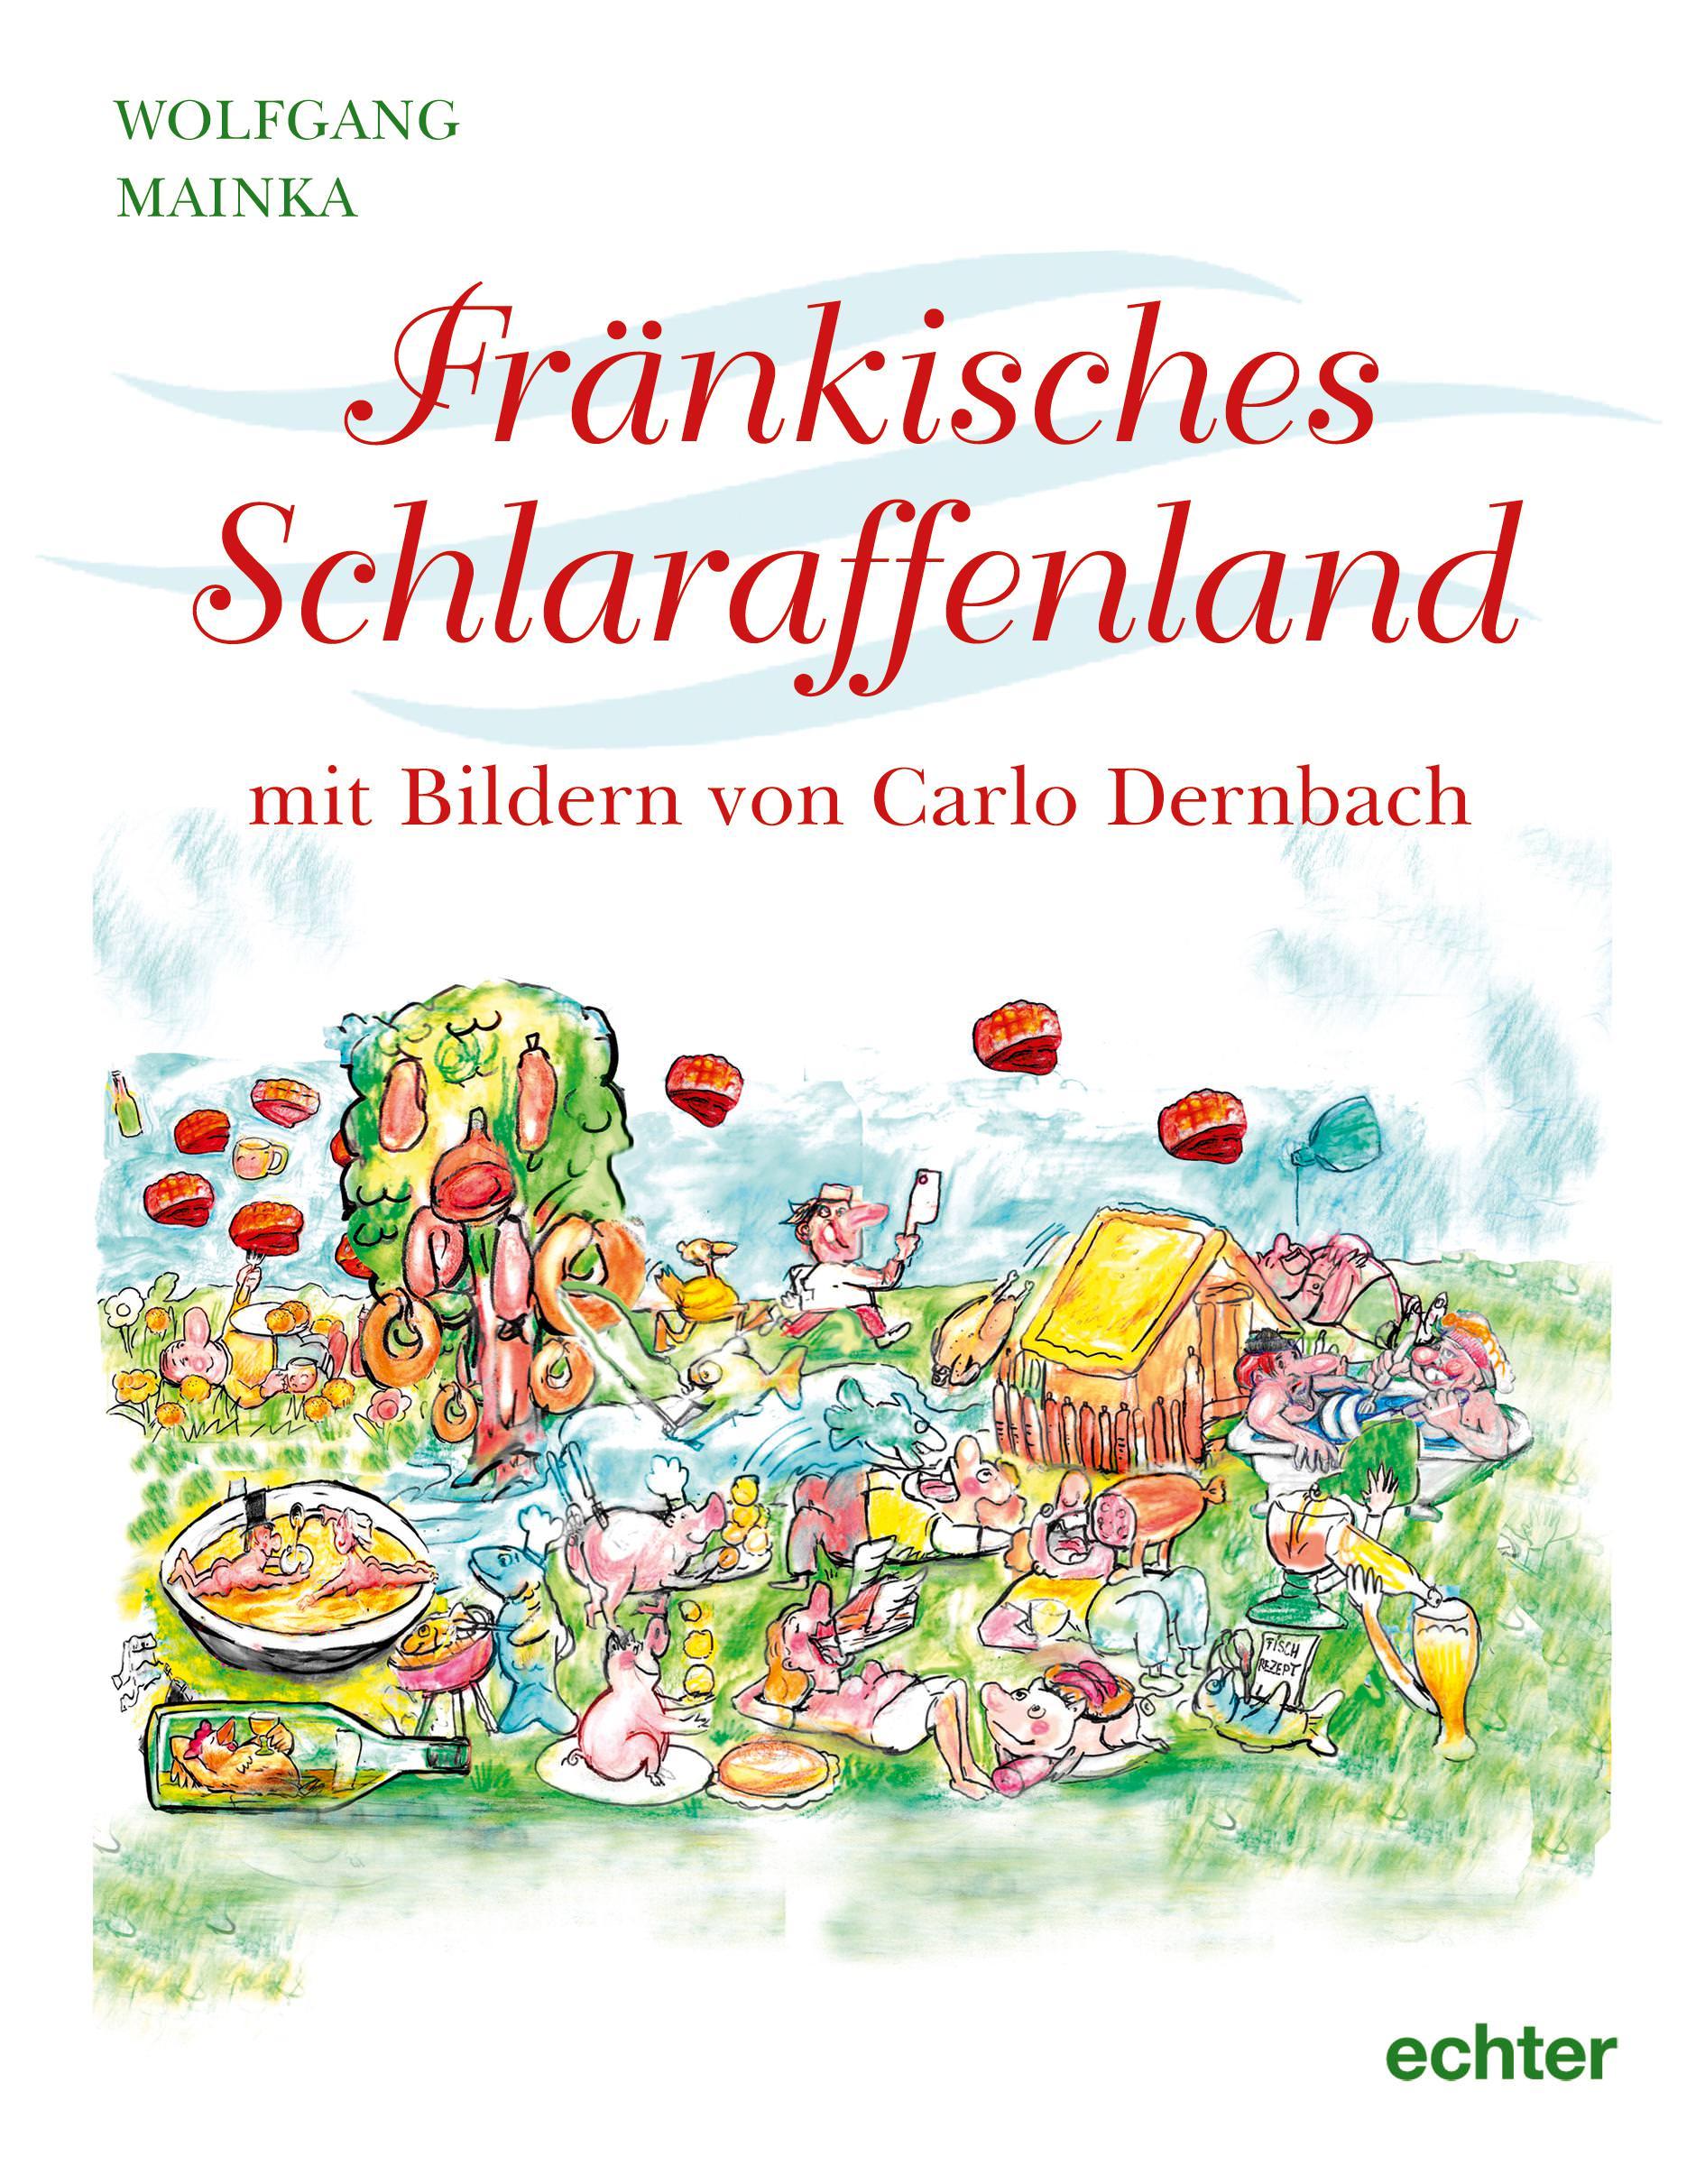 Mainka Wolfgang - Fränkisches Schlaraffenland